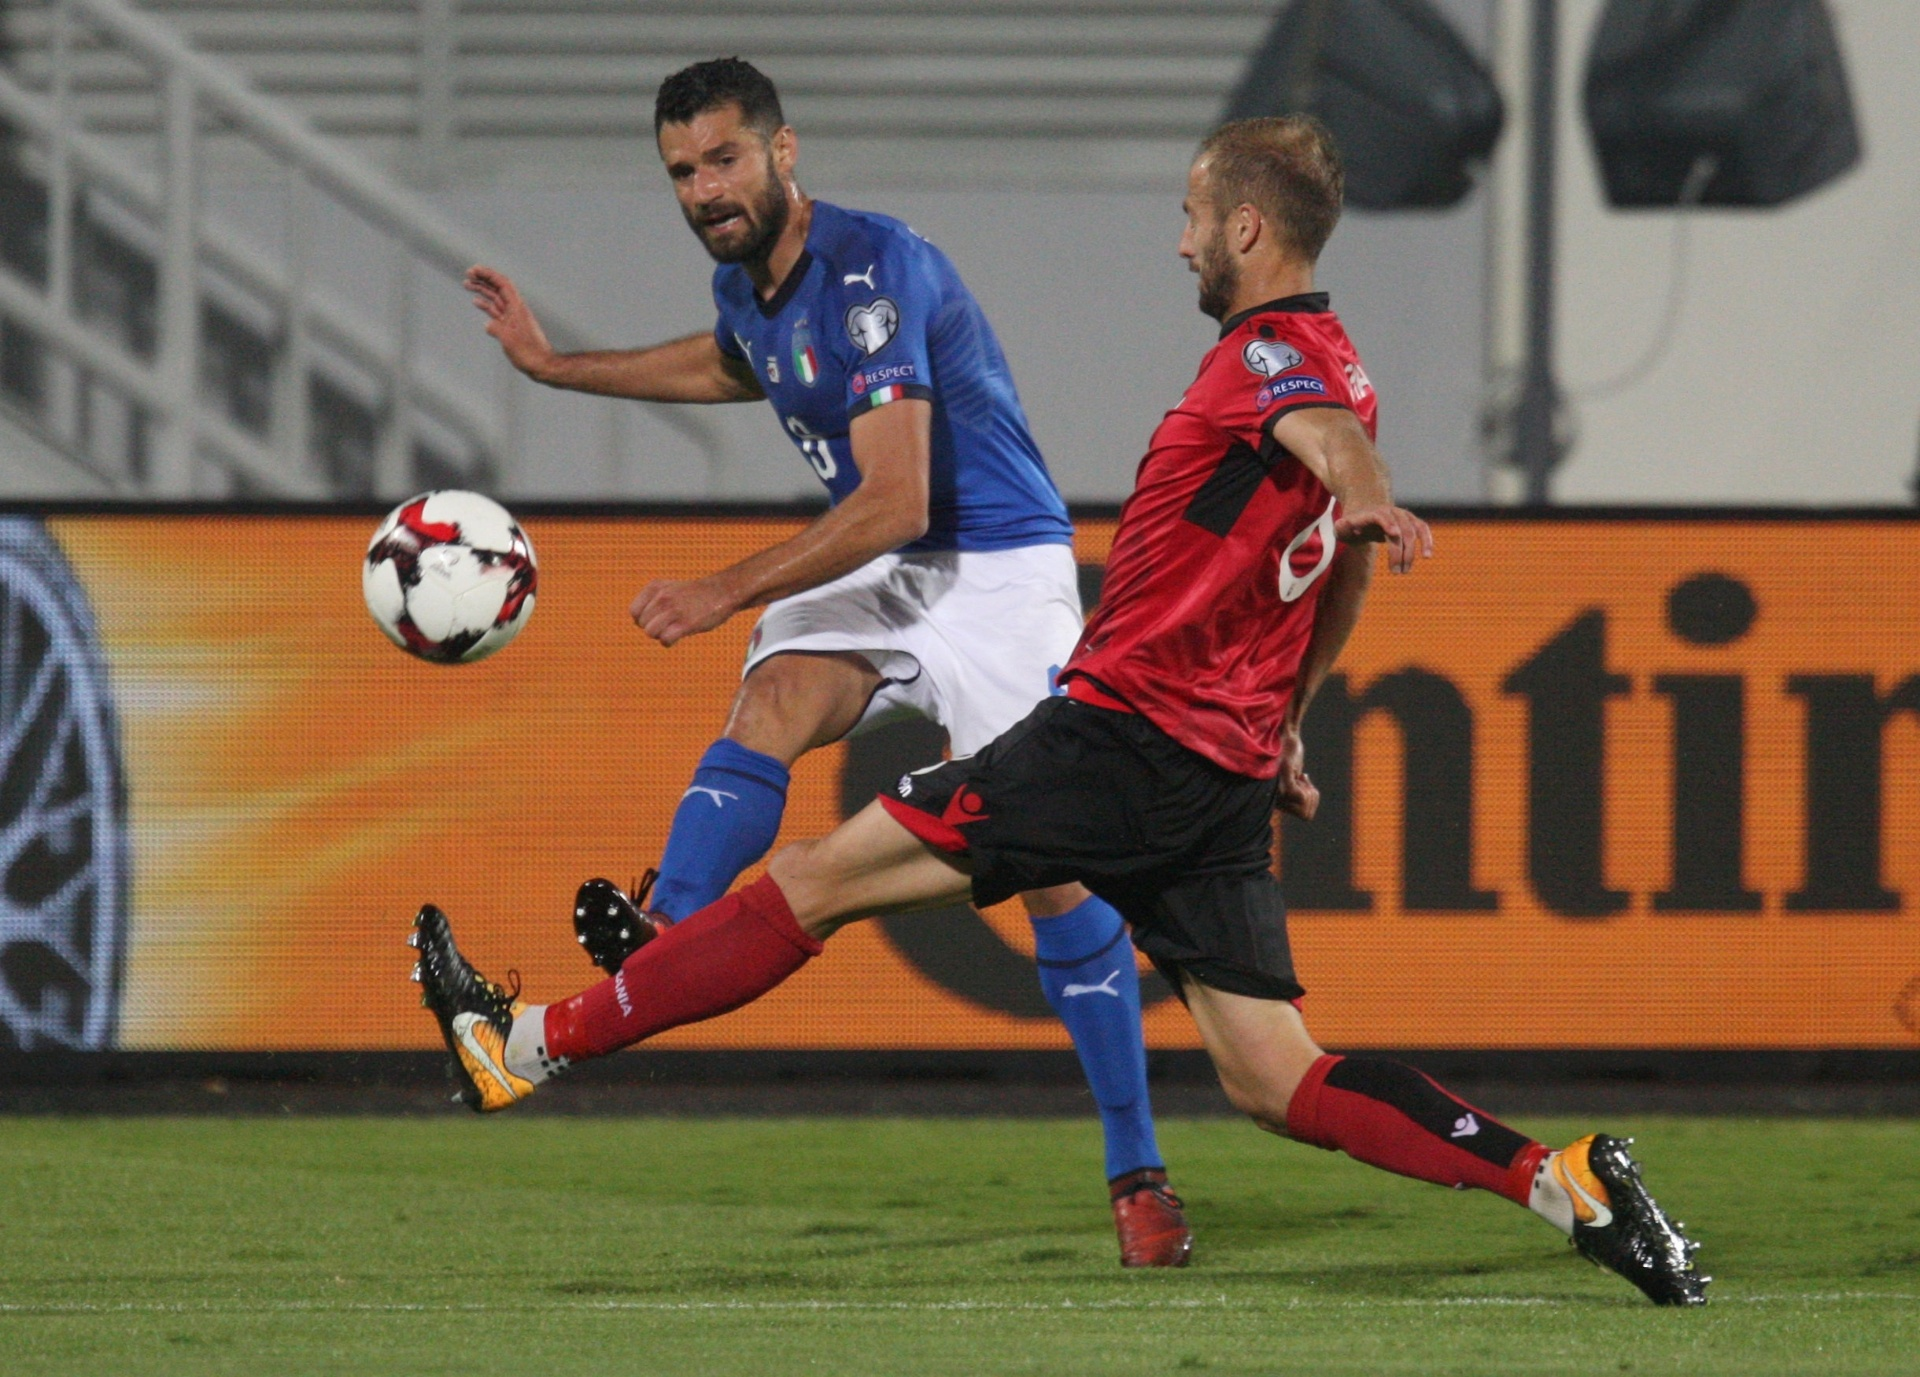 Itália vence Albânia em jogo fraco e será cabeça de chave na repescagem -  09 10 2017 - UOL Esporte a4c703f8540d2